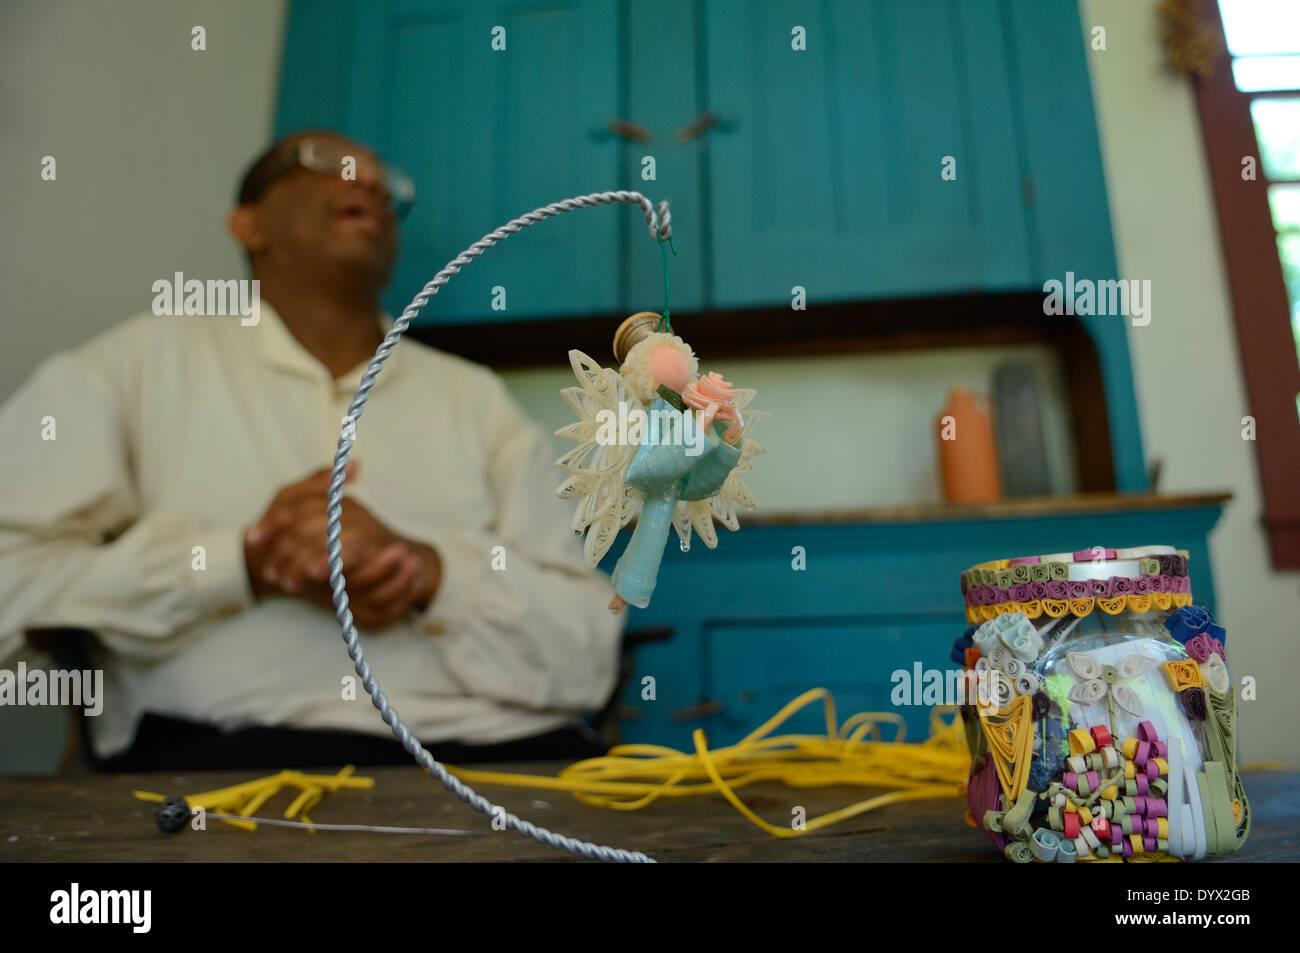 Curliques & le filigrane, un C xix secolo forma d'arte di dimostrazione. Ceneri Lawn-Highland. Casa di Quinto presidente, James Monroe. Stati Uniti d'America Immagini Stock